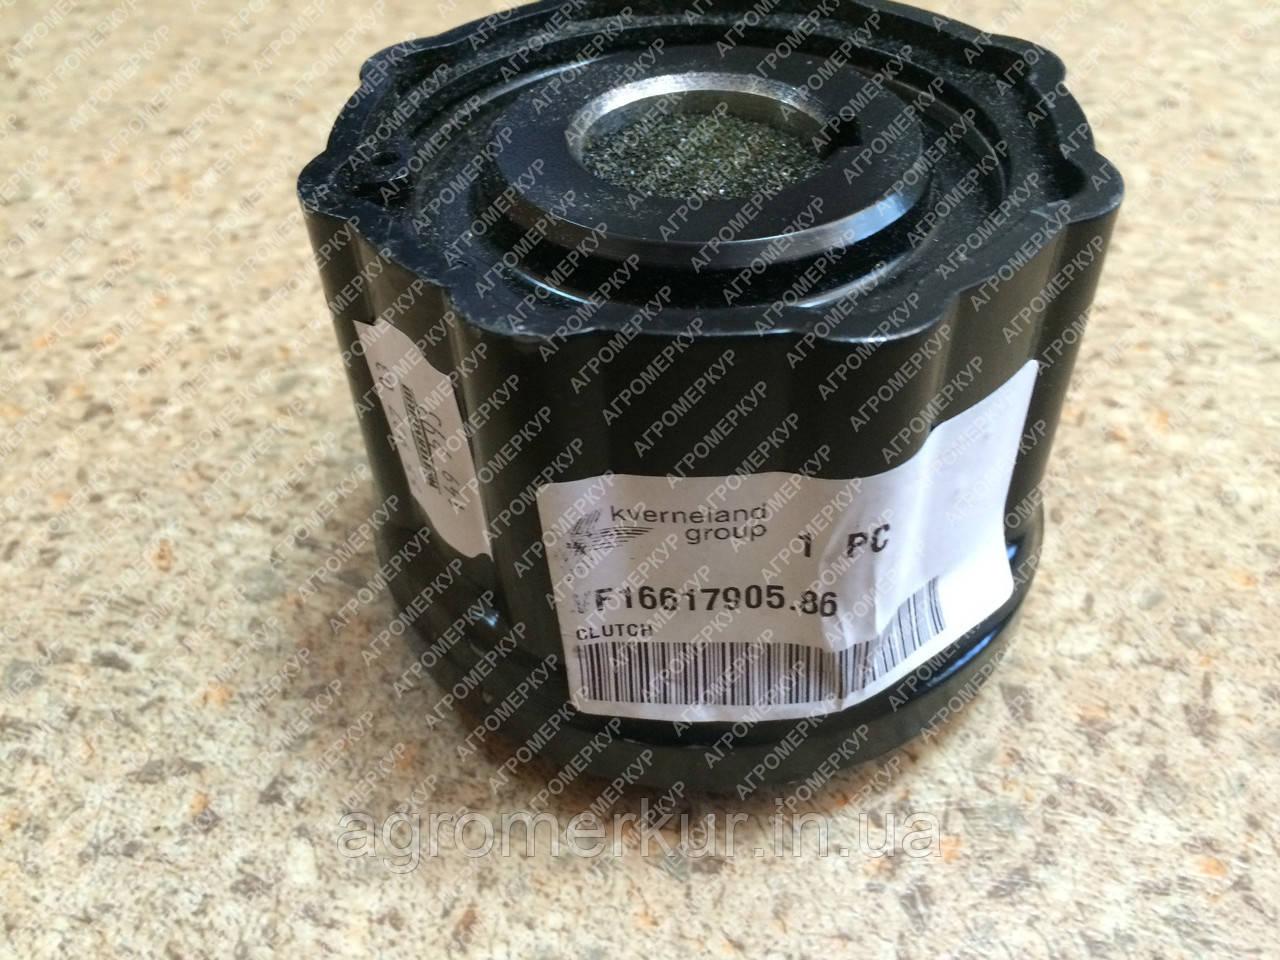 Затискний пристрій VF16617905 Kverneland